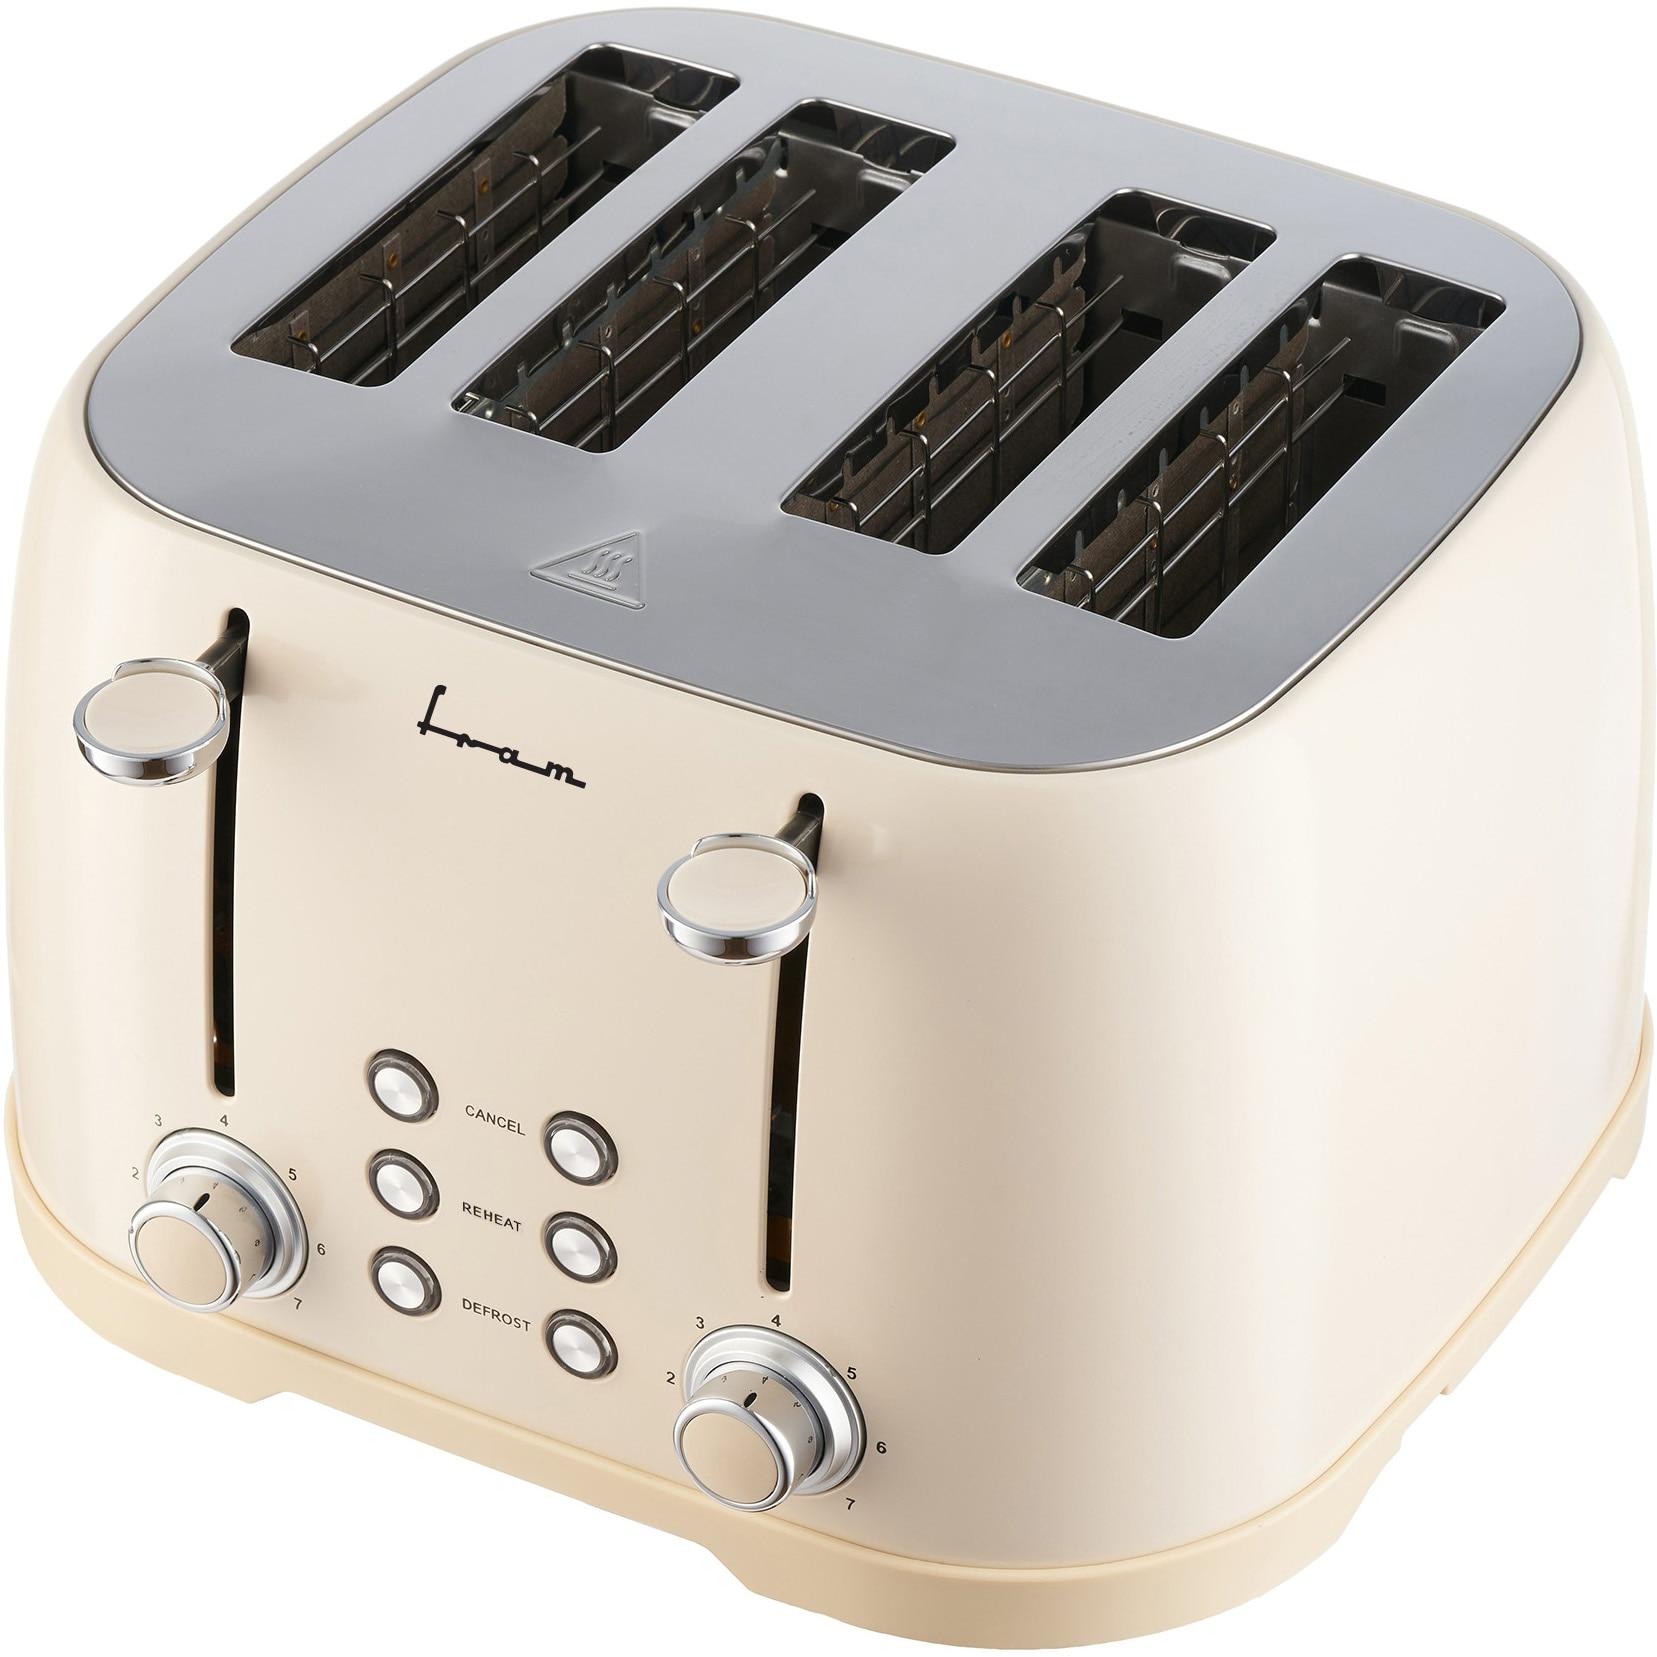 Fotografie Prajitor de paine FRAM FTP-800CR, 1600W, 4 felii, 6 nivele de rumenire, tavita detasabila pentru firimituri, Crem